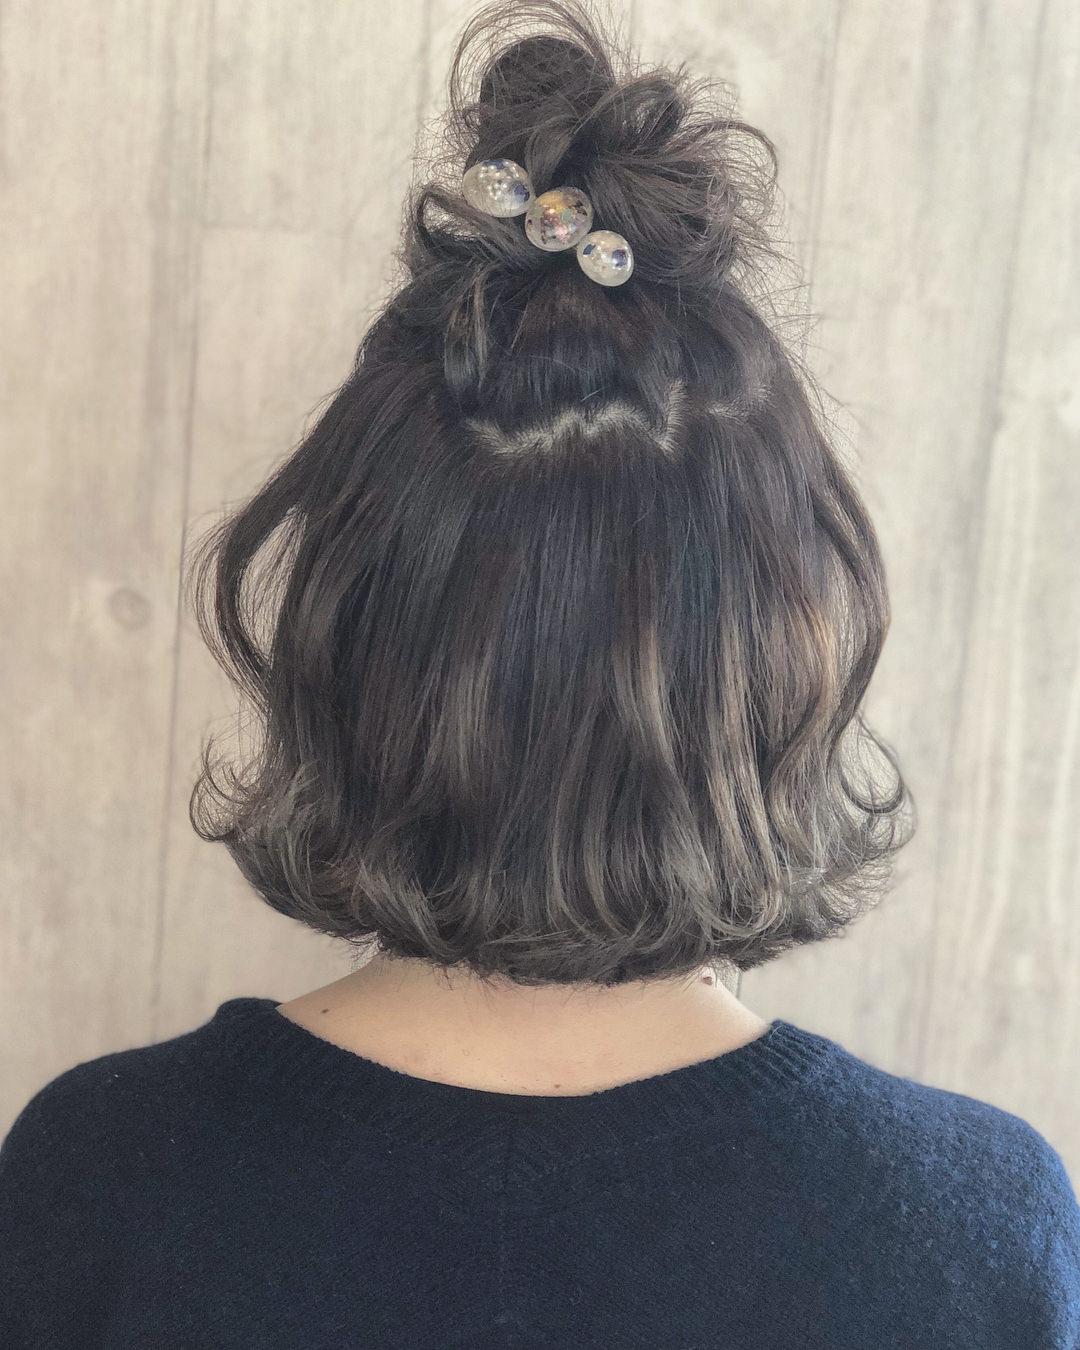 寒い日には欠かせない!マフラーをしても邪魔にならないヘアアレンジ6